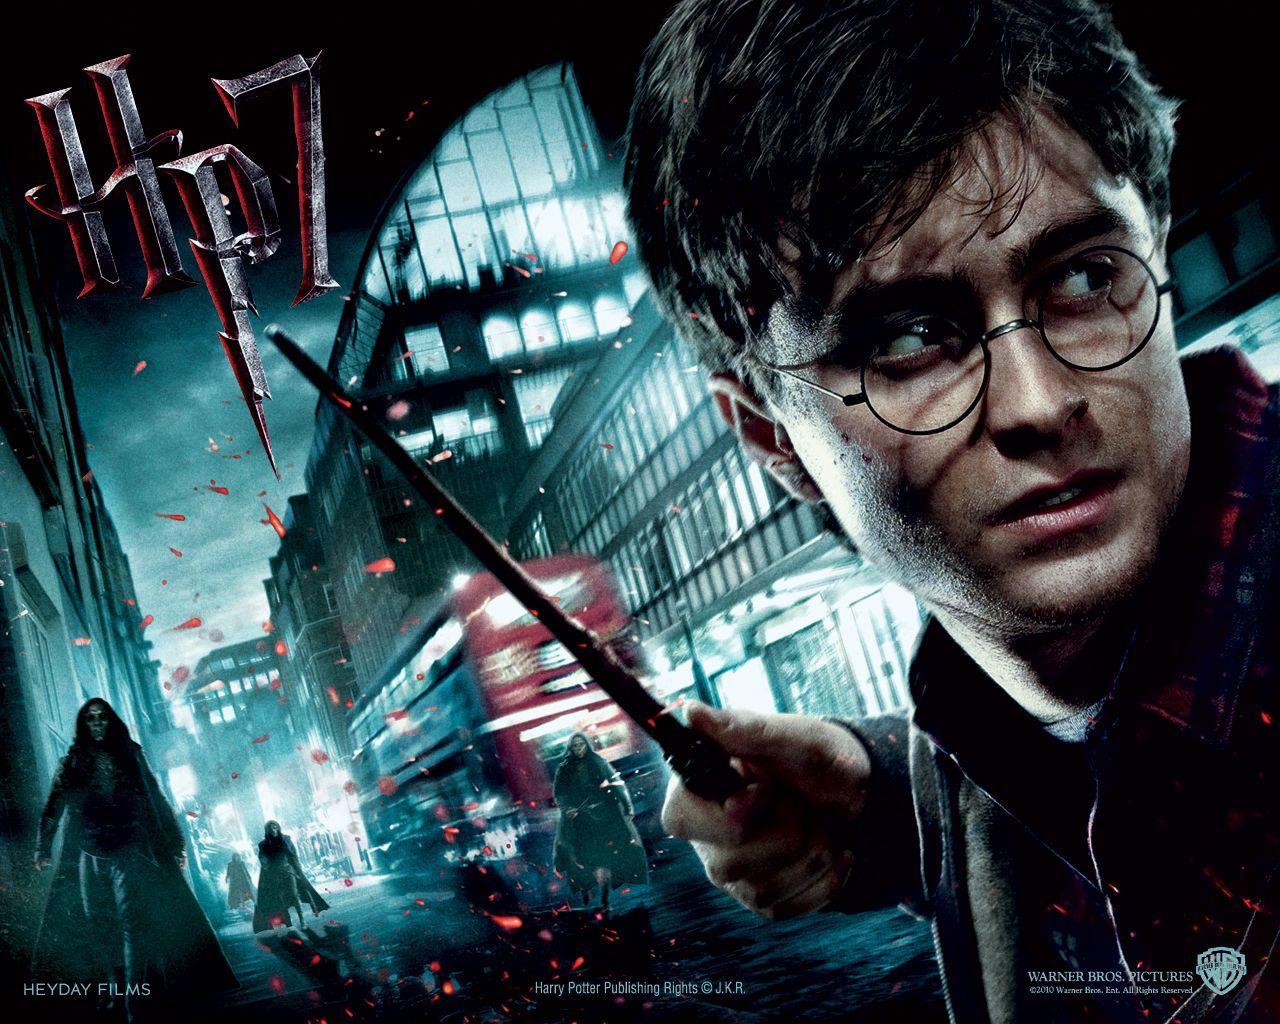 Mas Fotos Hd De Harry Potter Fondos De Pantalla De Harry Potter Harry Potter Fotos De Harry Potter Fotos Hd